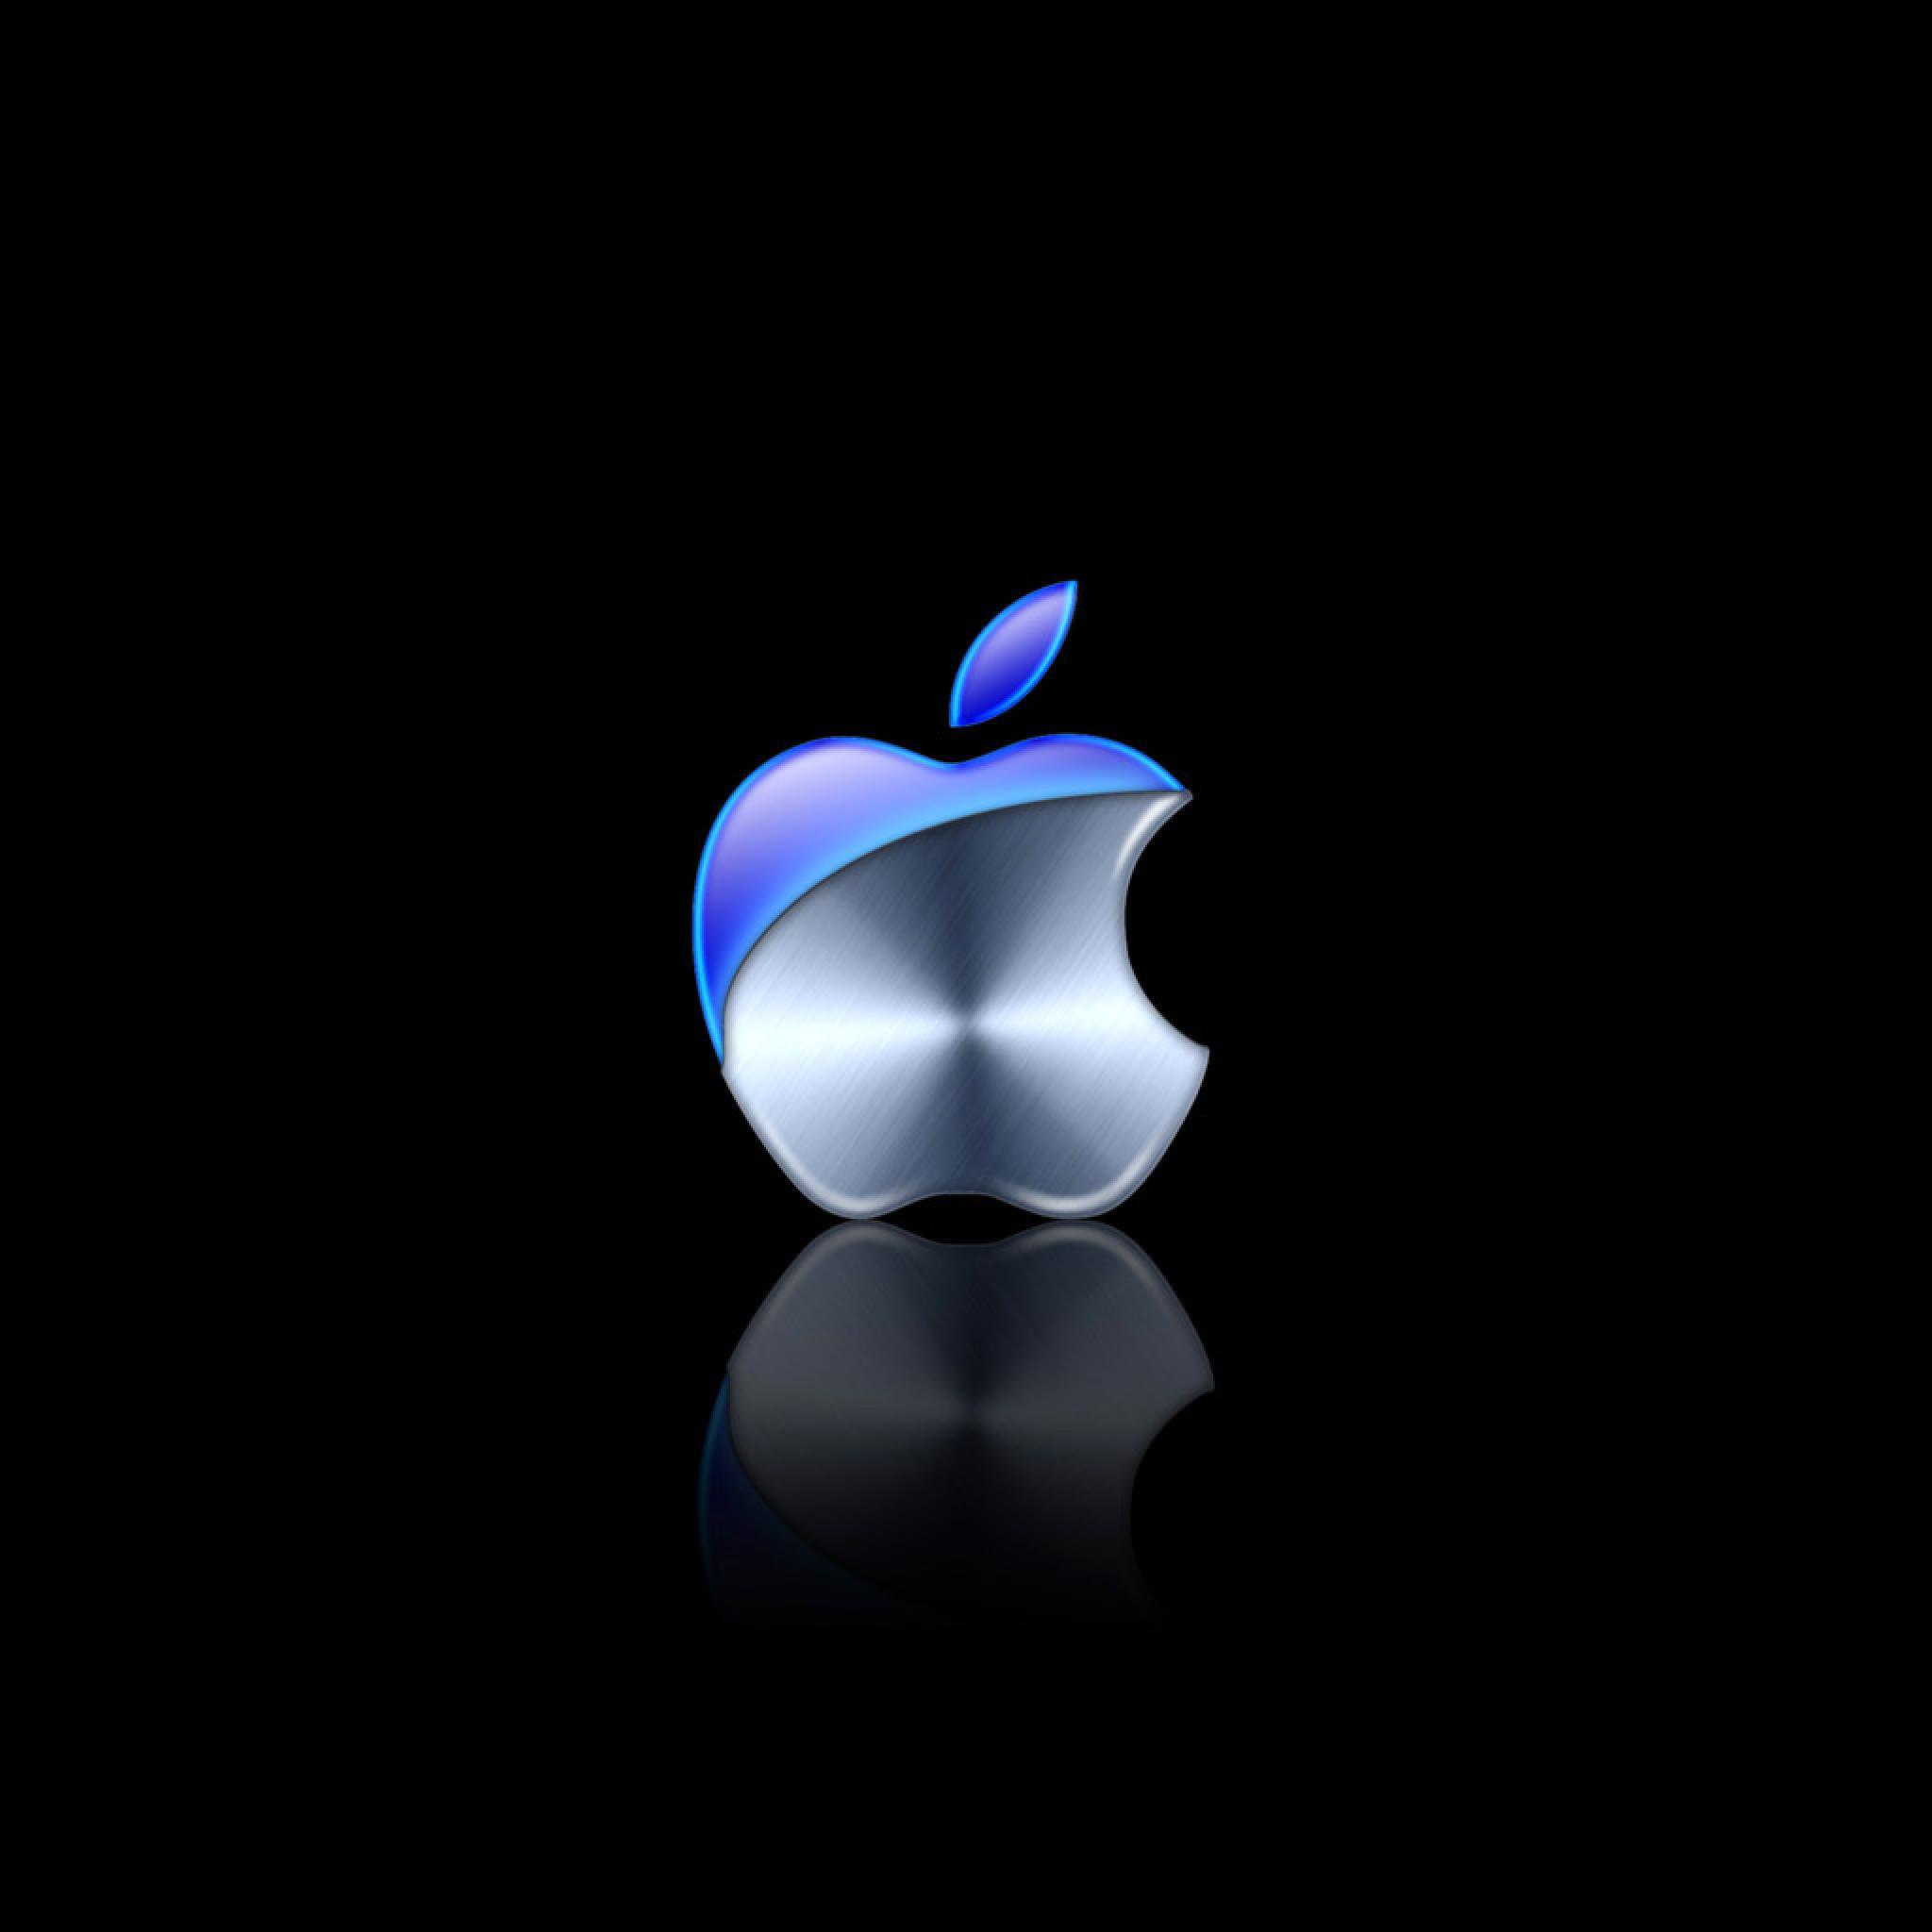 Computers Apple Exquisite Logo Design Ipad Iphone Hd Wallpaper